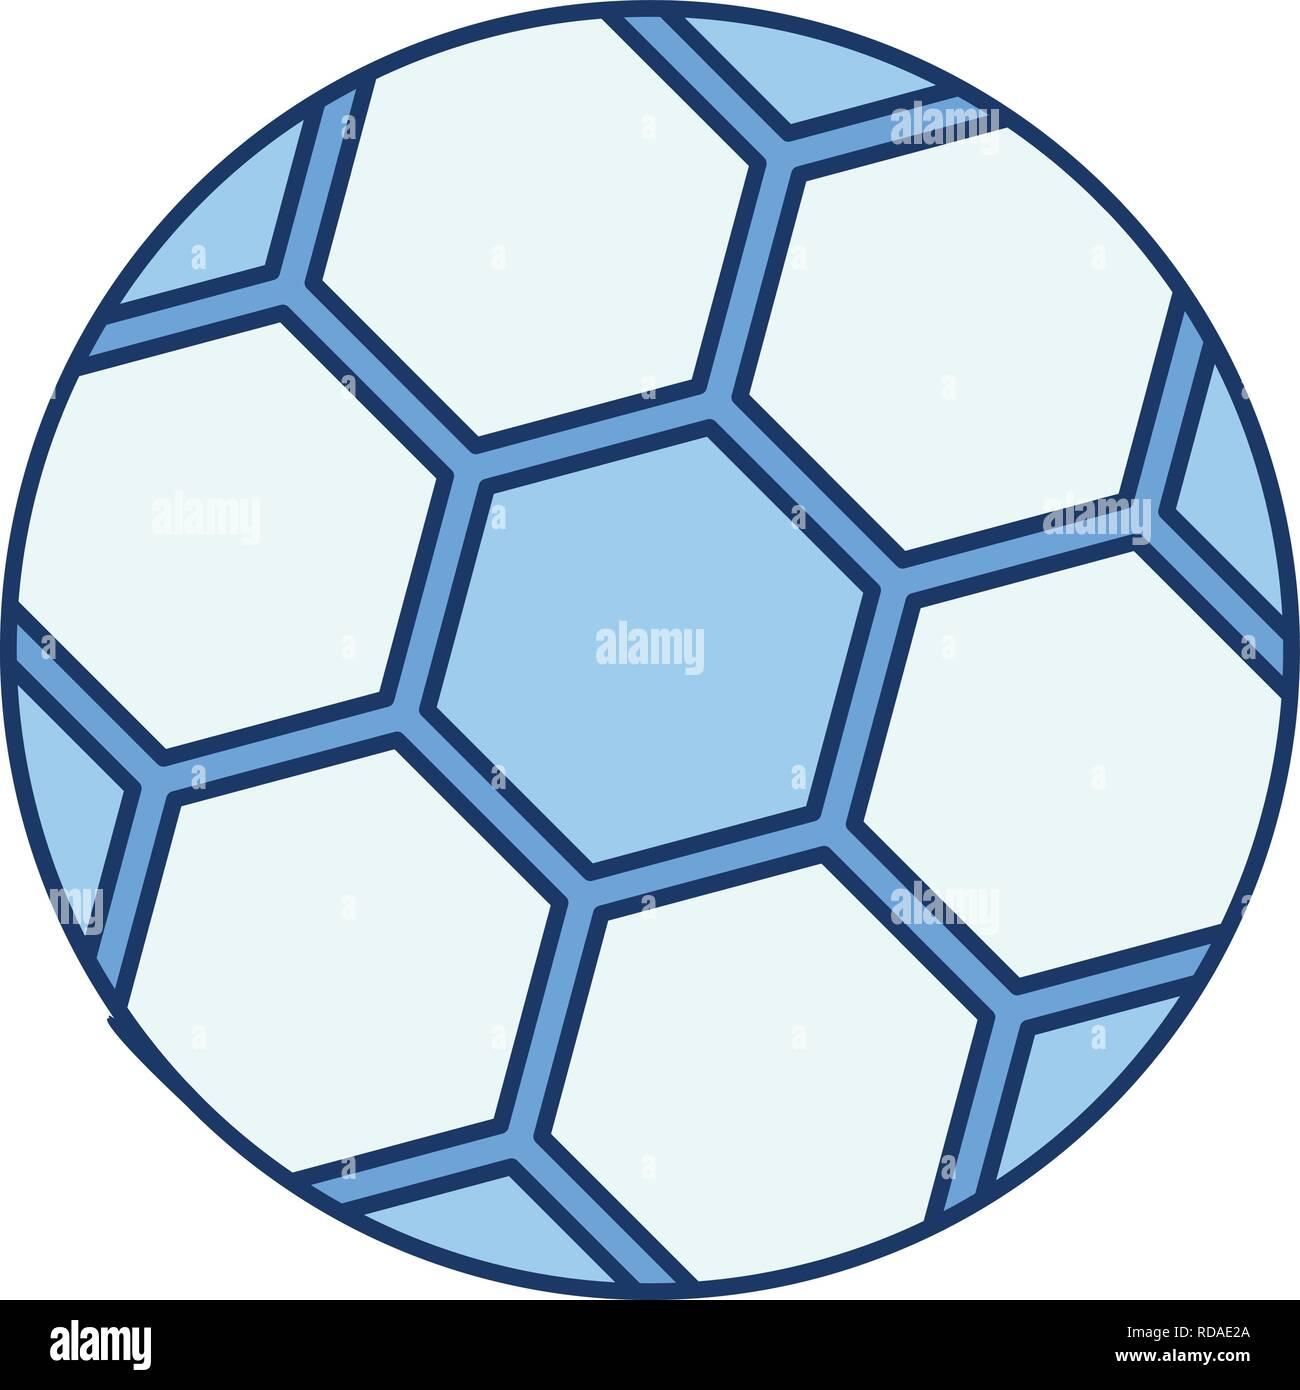 Fussball Zeichen Symbol Vektor Illustration Fur Den Privaten